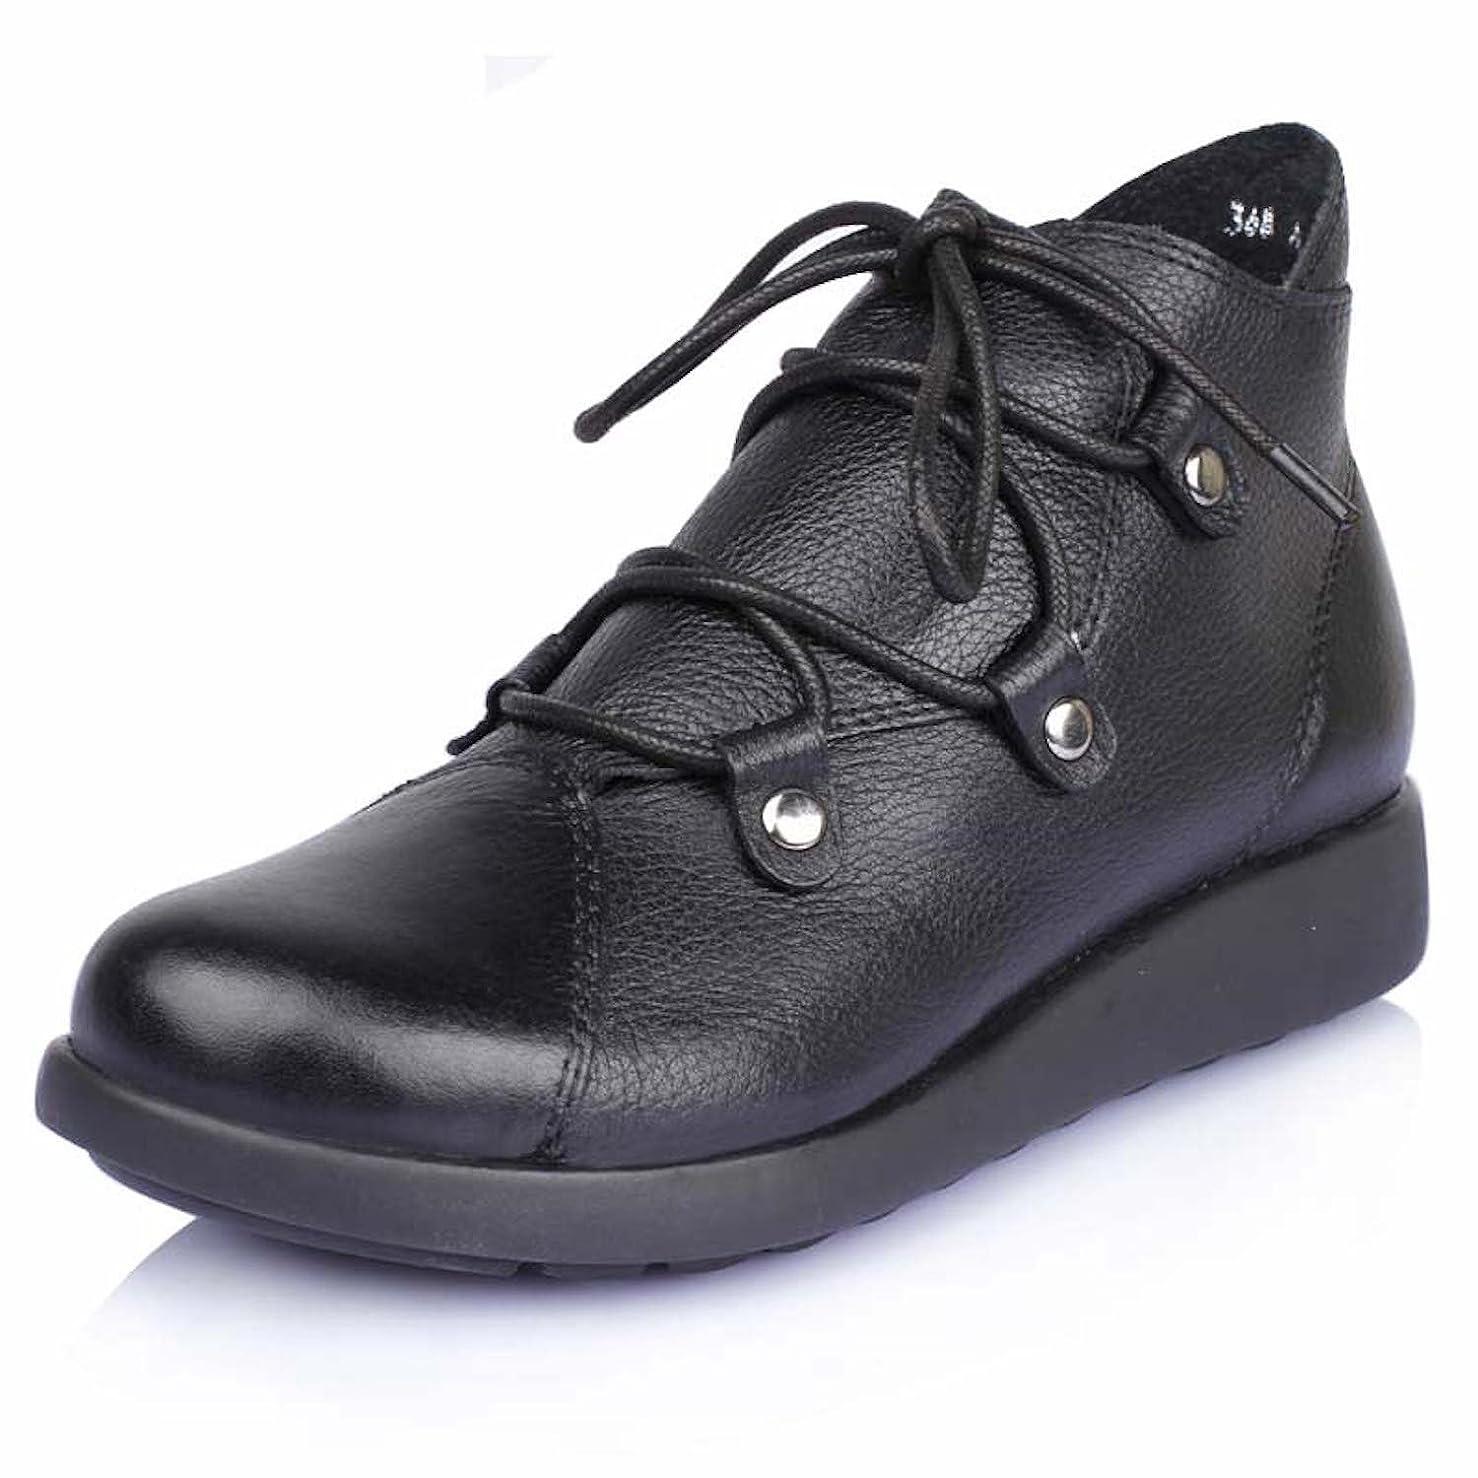 バンド時間蒸ブーツ ショートブーツ レディース 革 ウォーキングシューズ 革靴 レザー カジュアル 軽量